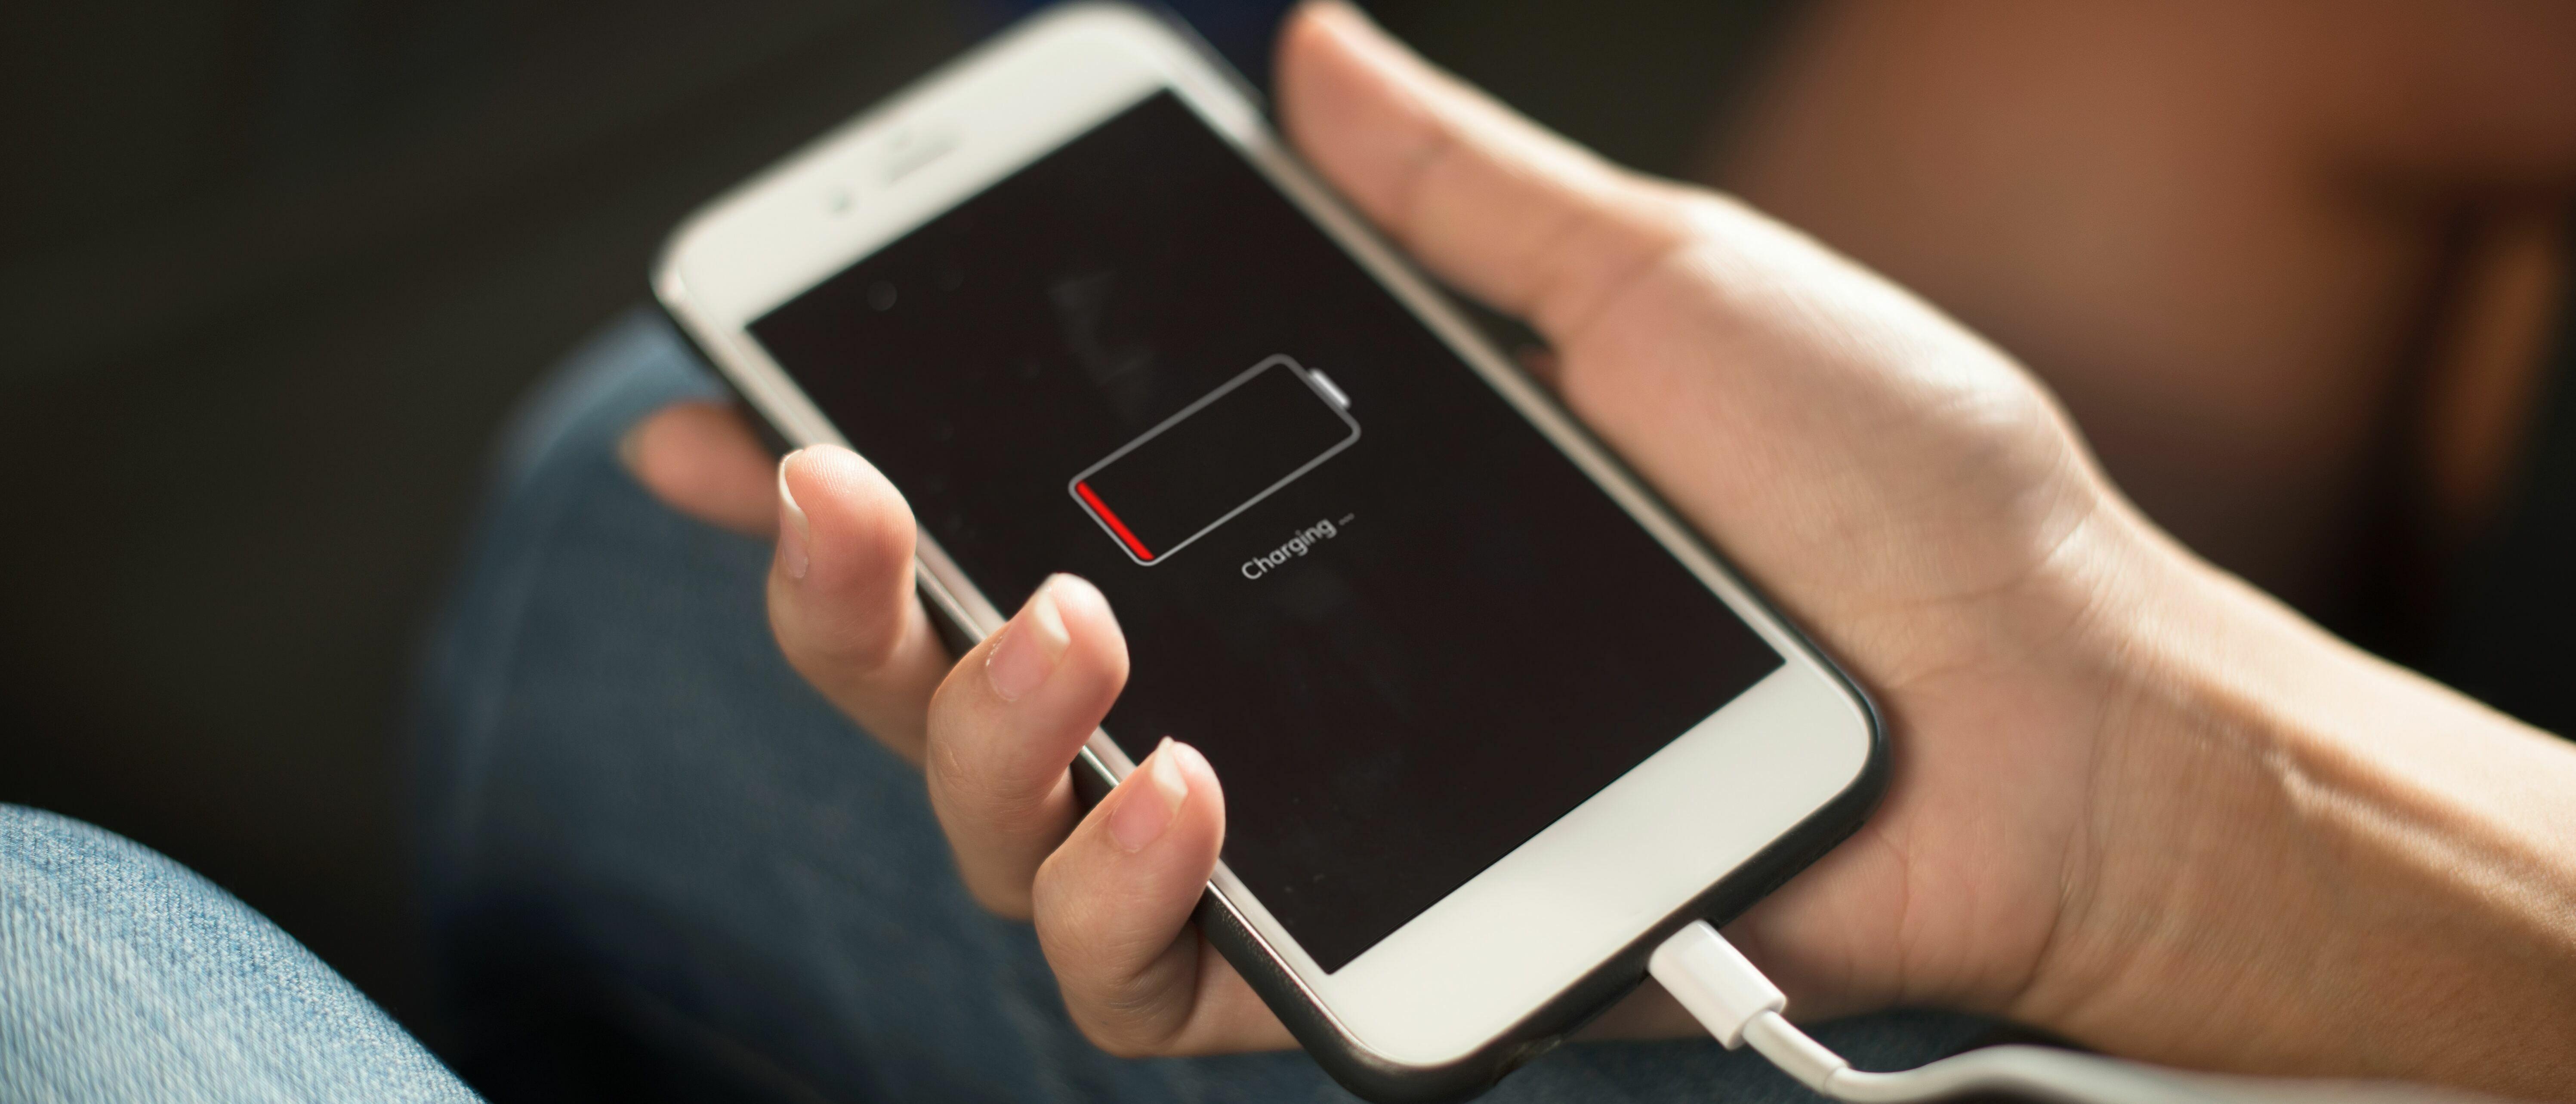 Tips om je batterij langer mee te laten gaan